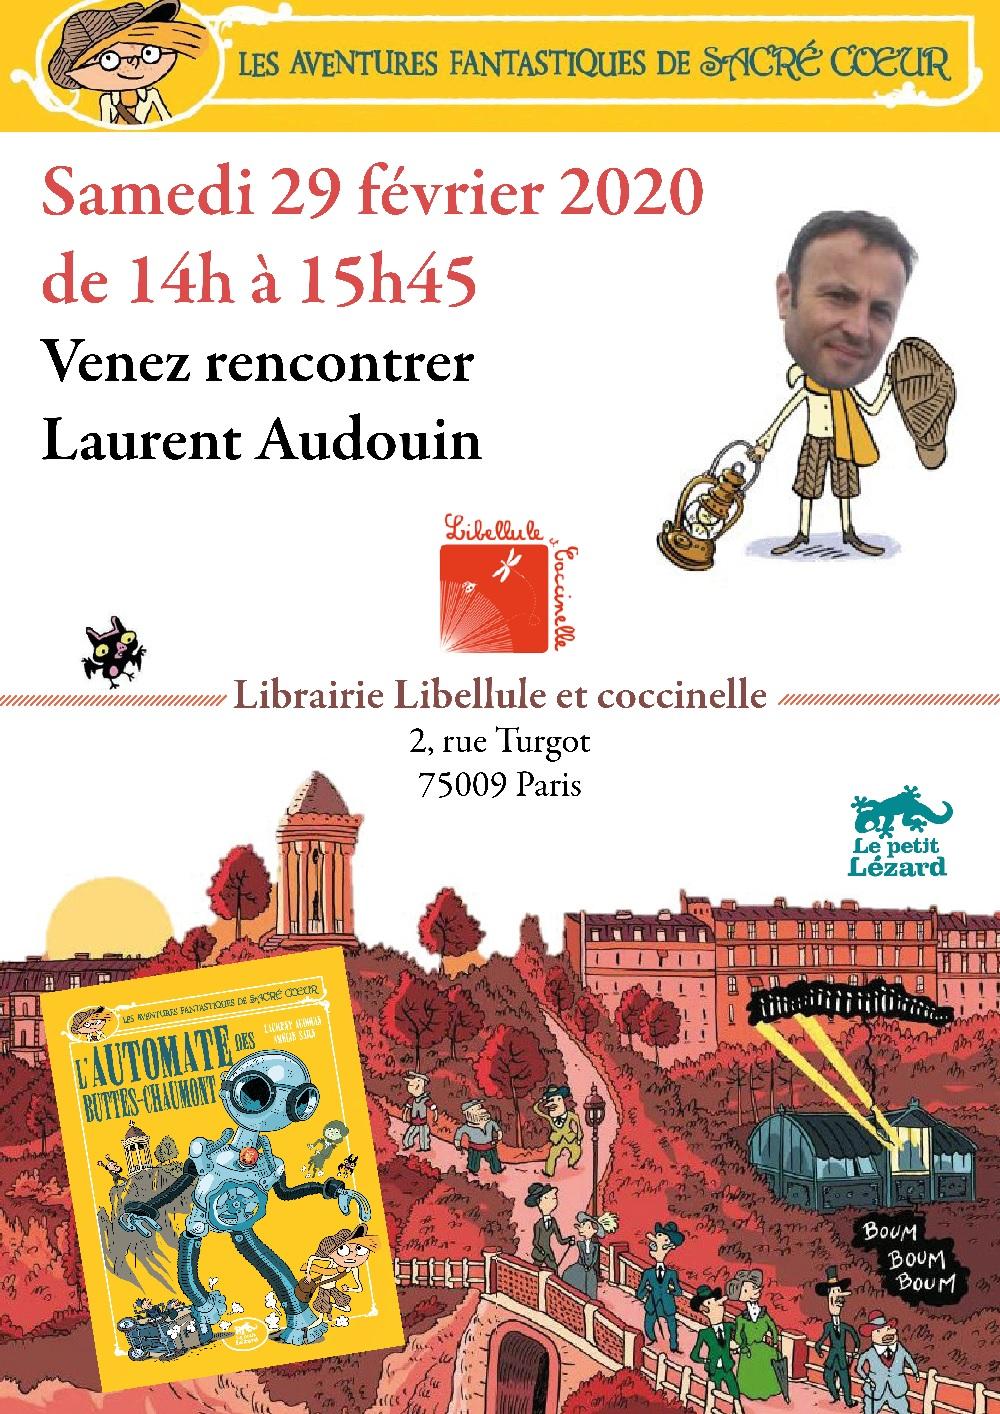 Affiche 29 fevrier Libellule Audouin pf